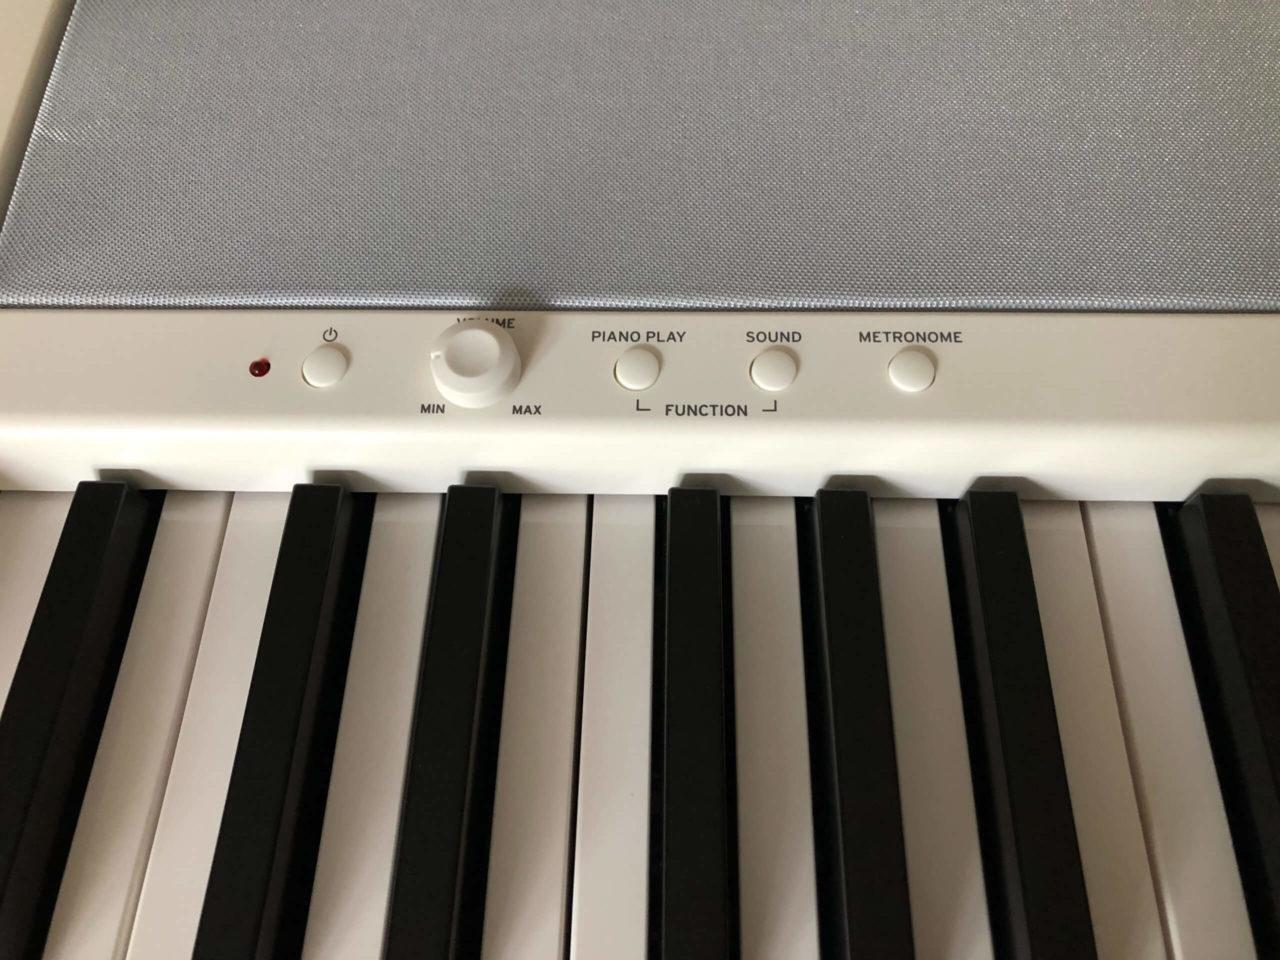 """7b32aebc65d19b4ee7aaa5c63346a25a scaled - KORGの電子ピアノ """"B2""""の使用感レビュー"""